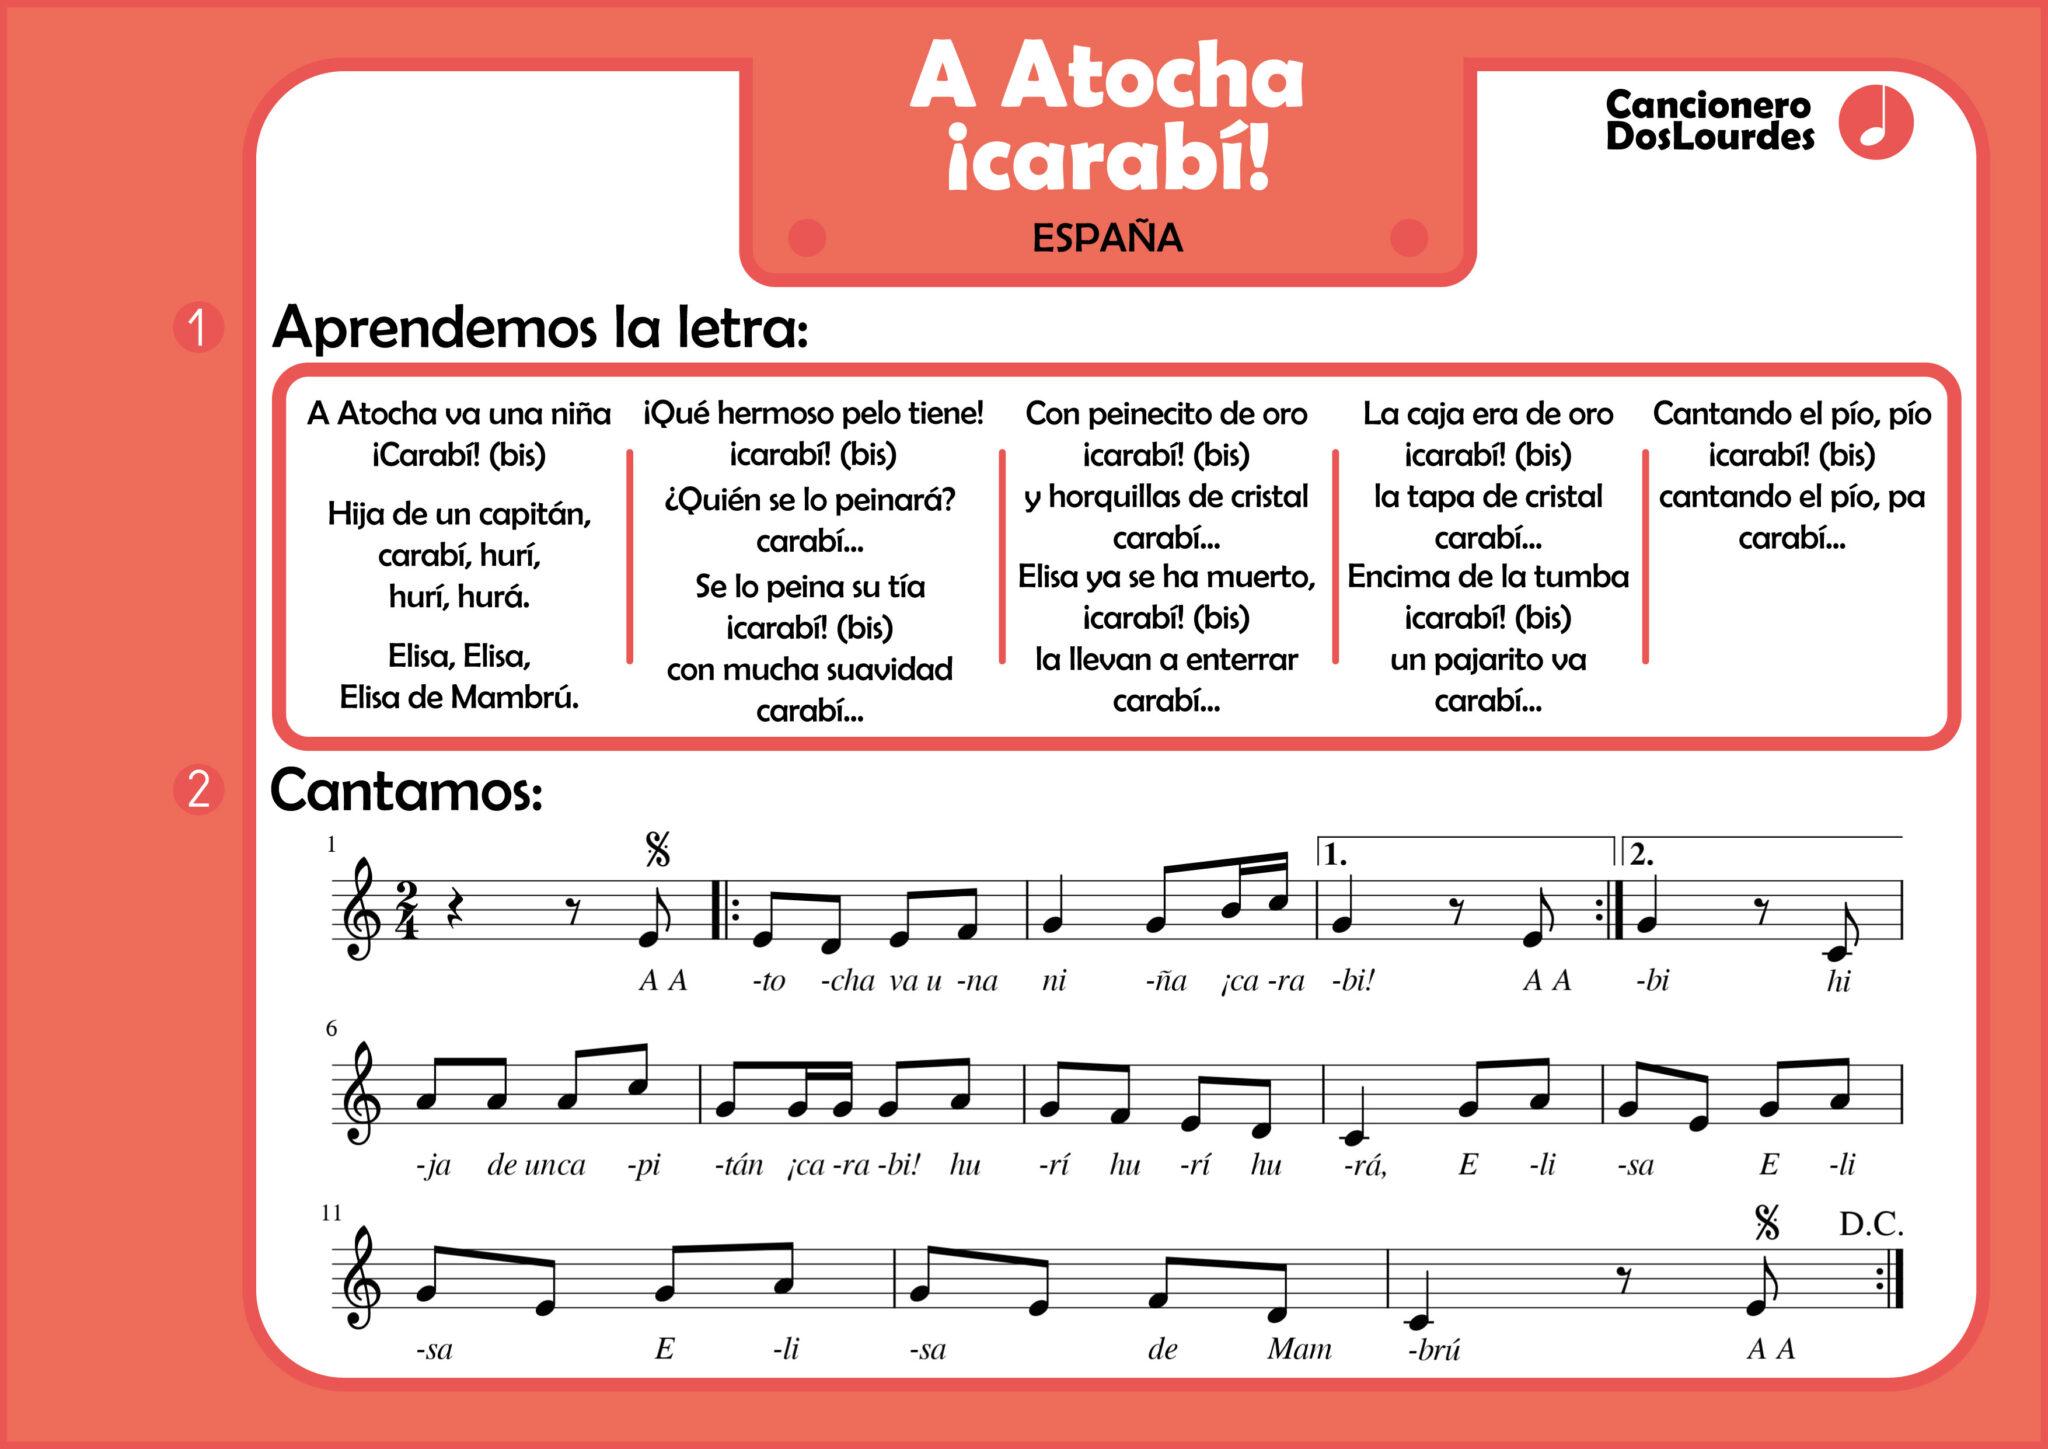 Cancionero-19-A-Atocha-¡carabi